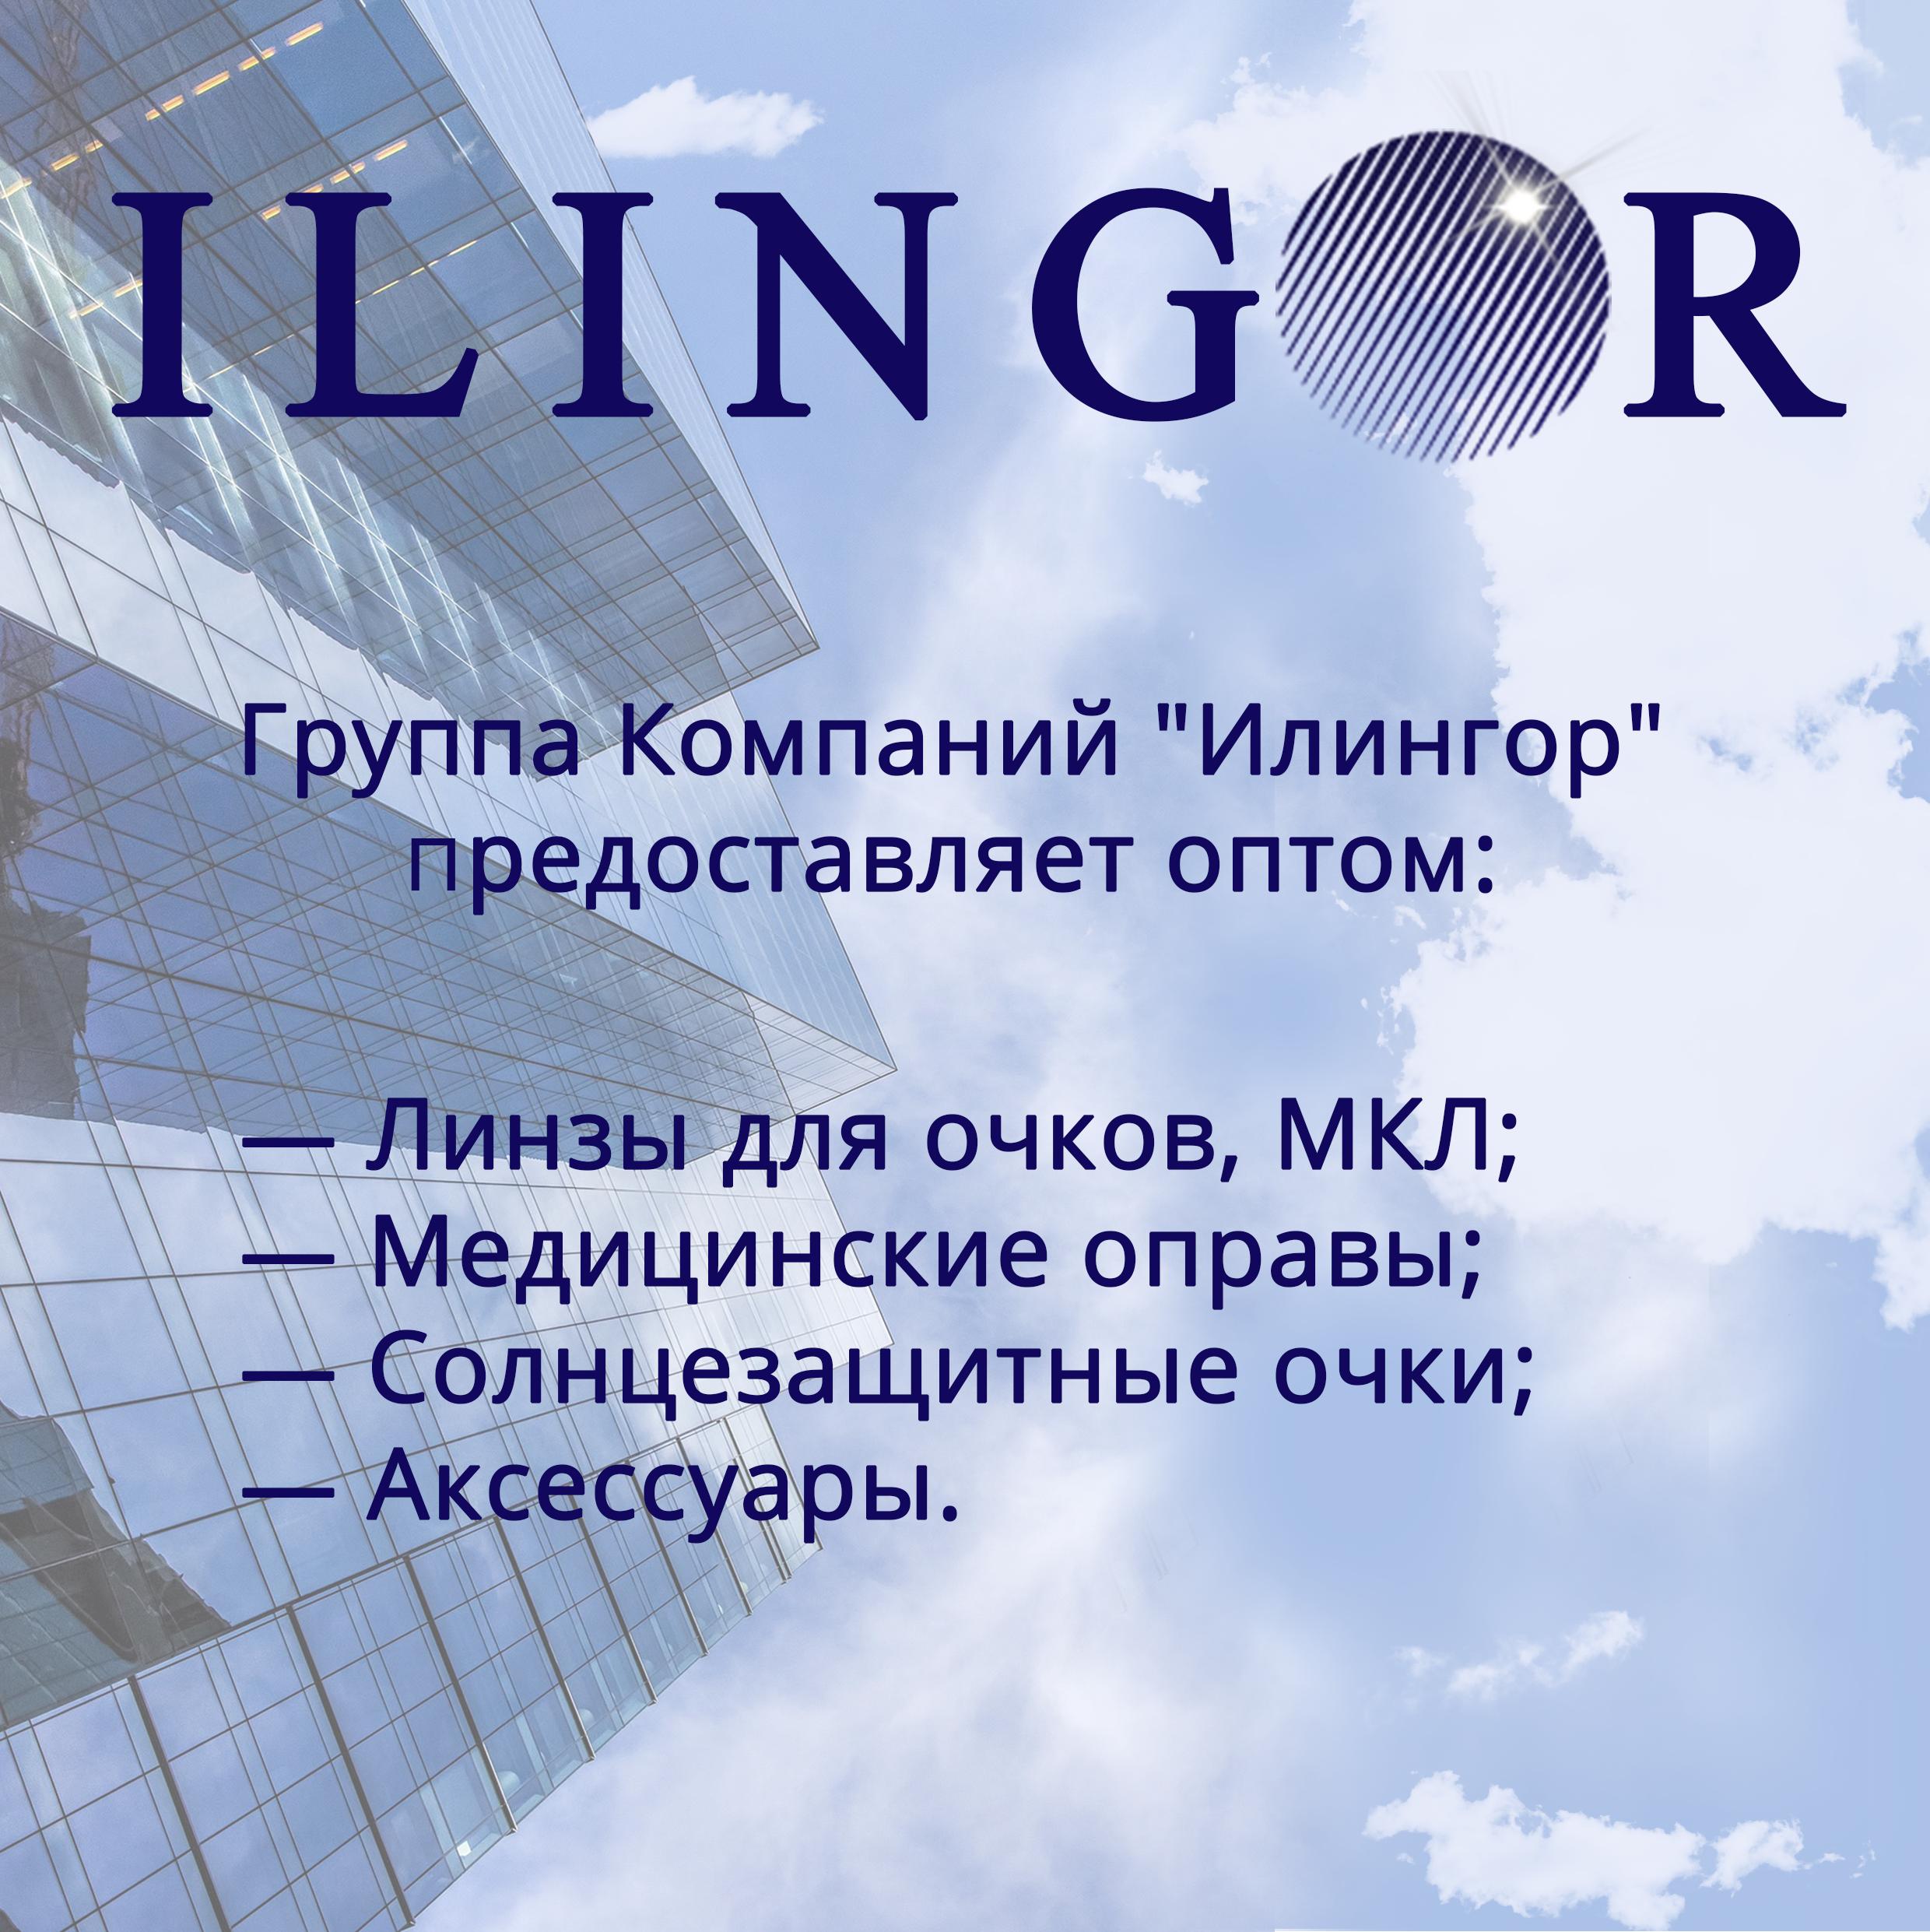 Илингор